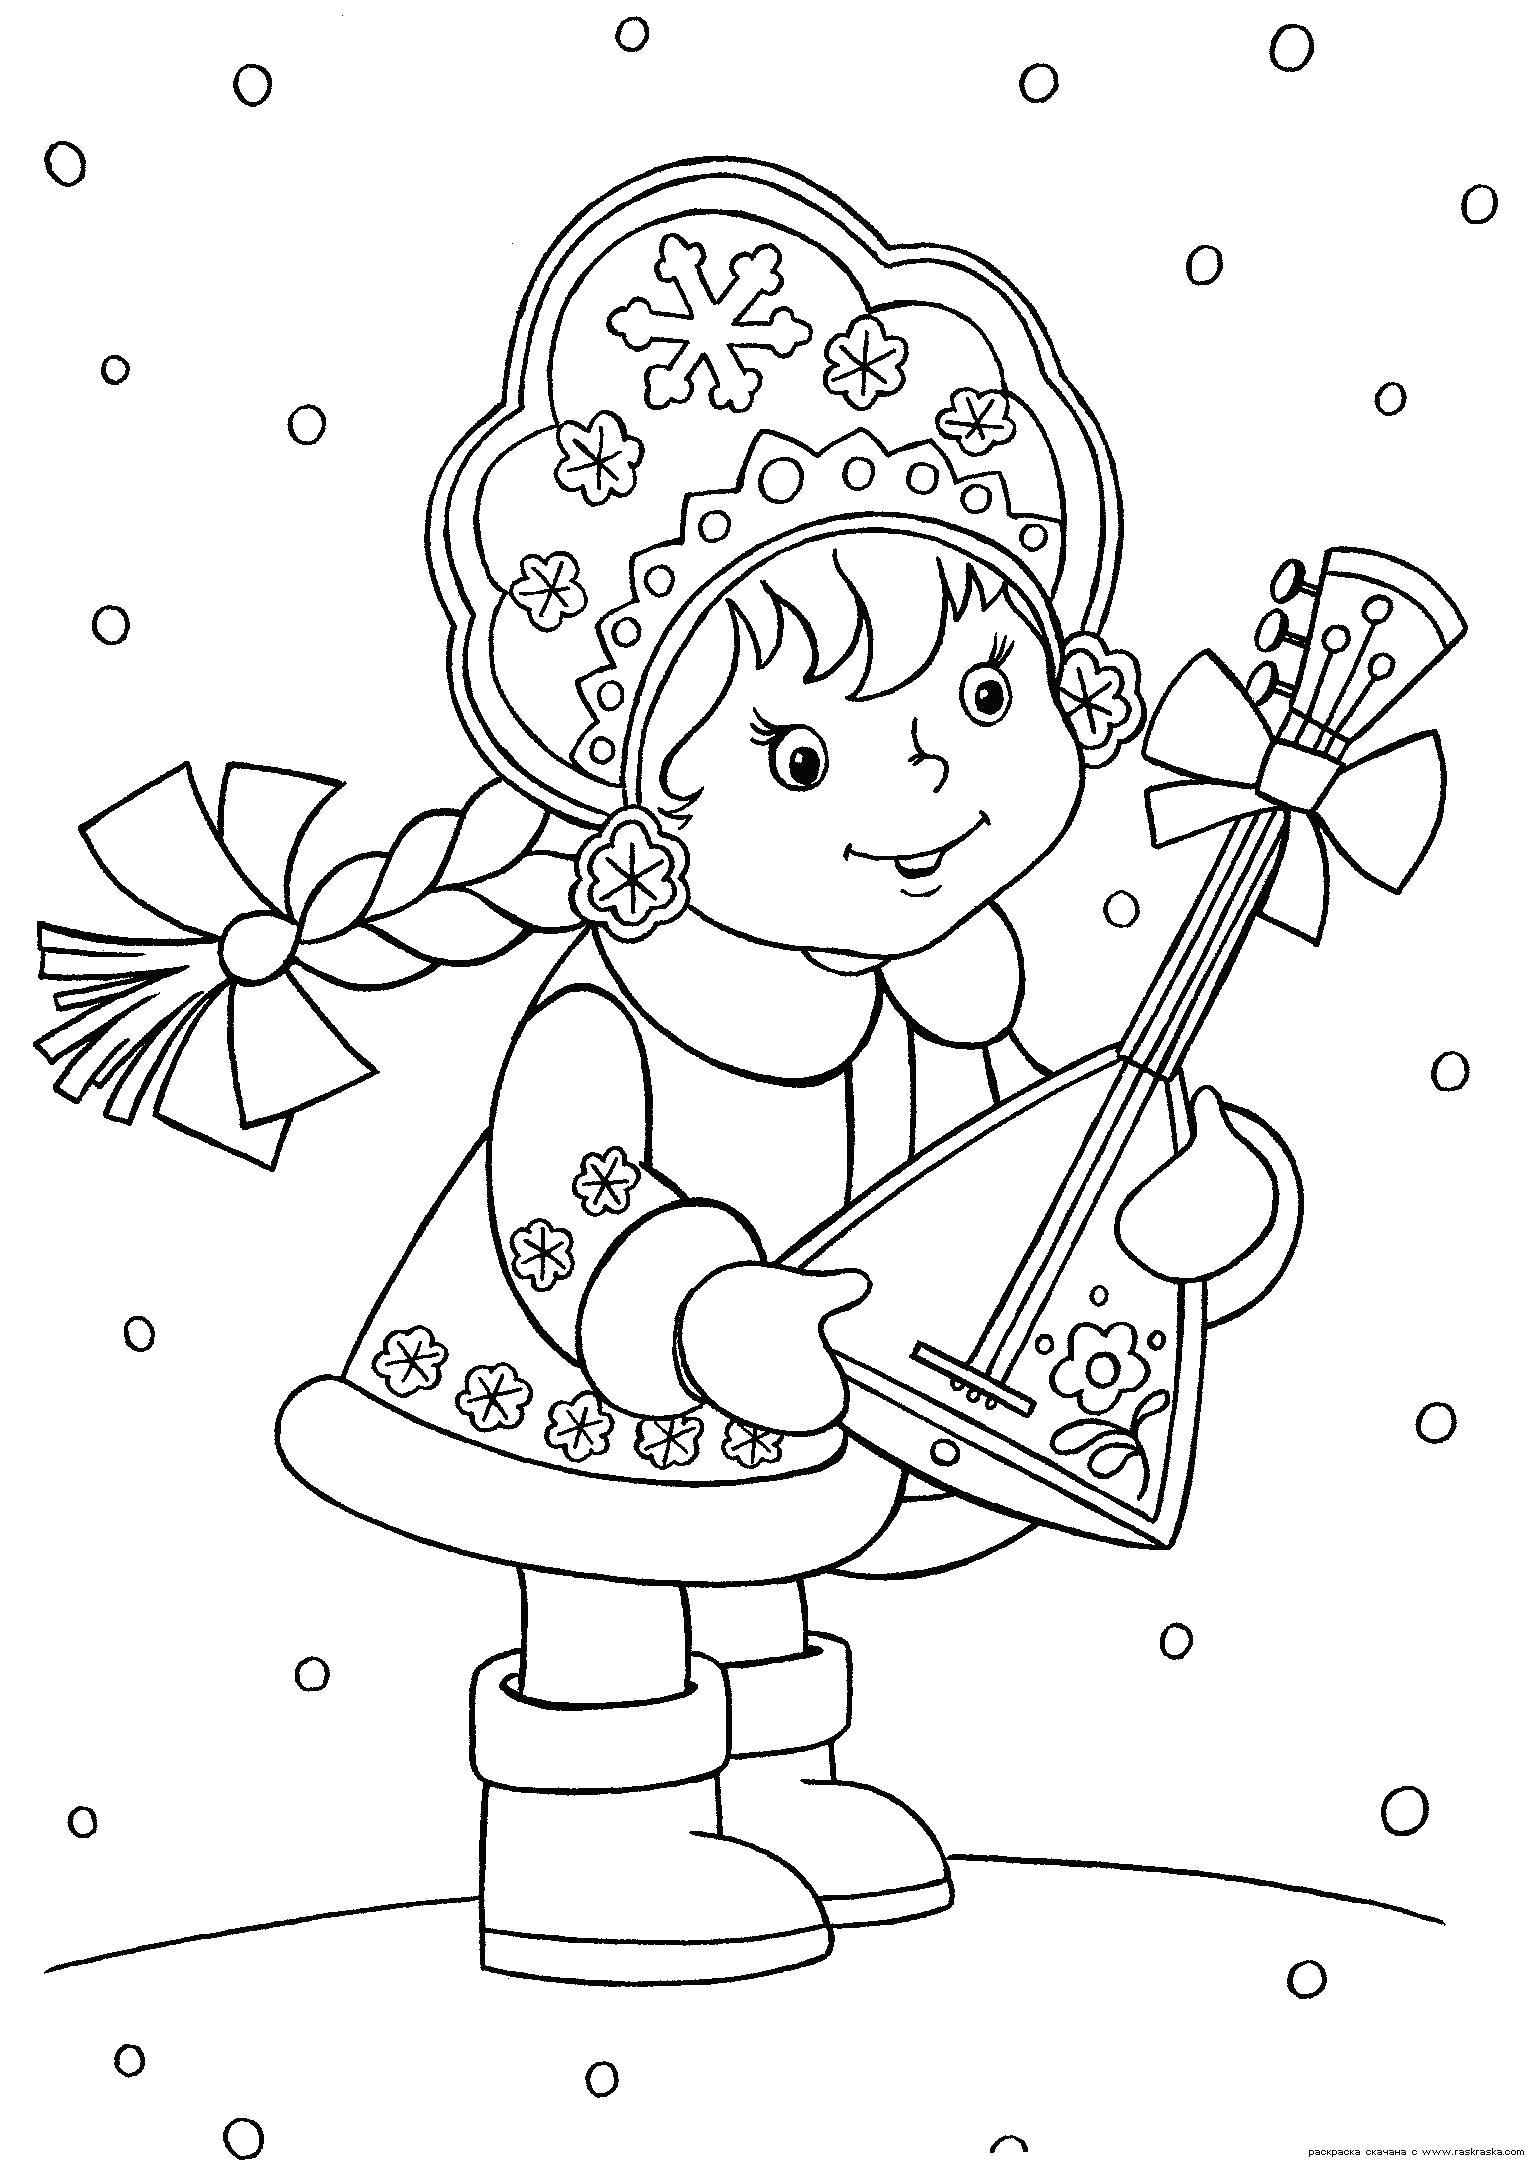 Раскраска  Снегурочка с подарком.  Новогодний подарок балалайка. Скачать снегурочка.  Распечатать Снегурочка